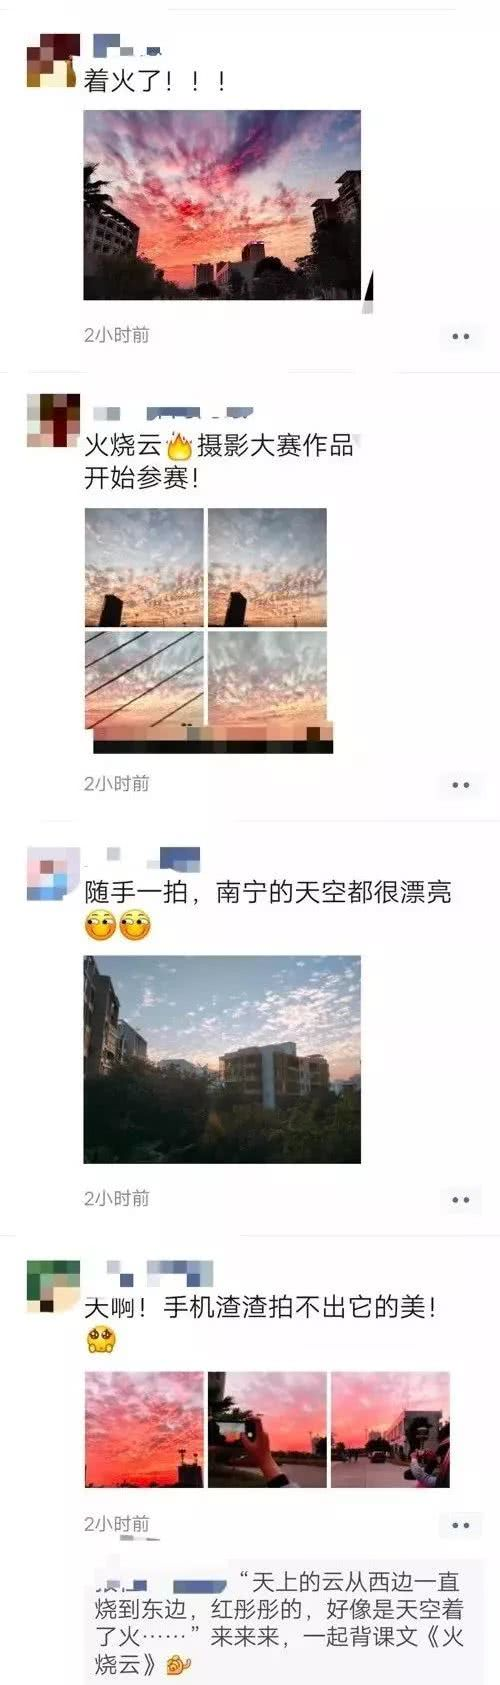 北京快三开奖结果 3